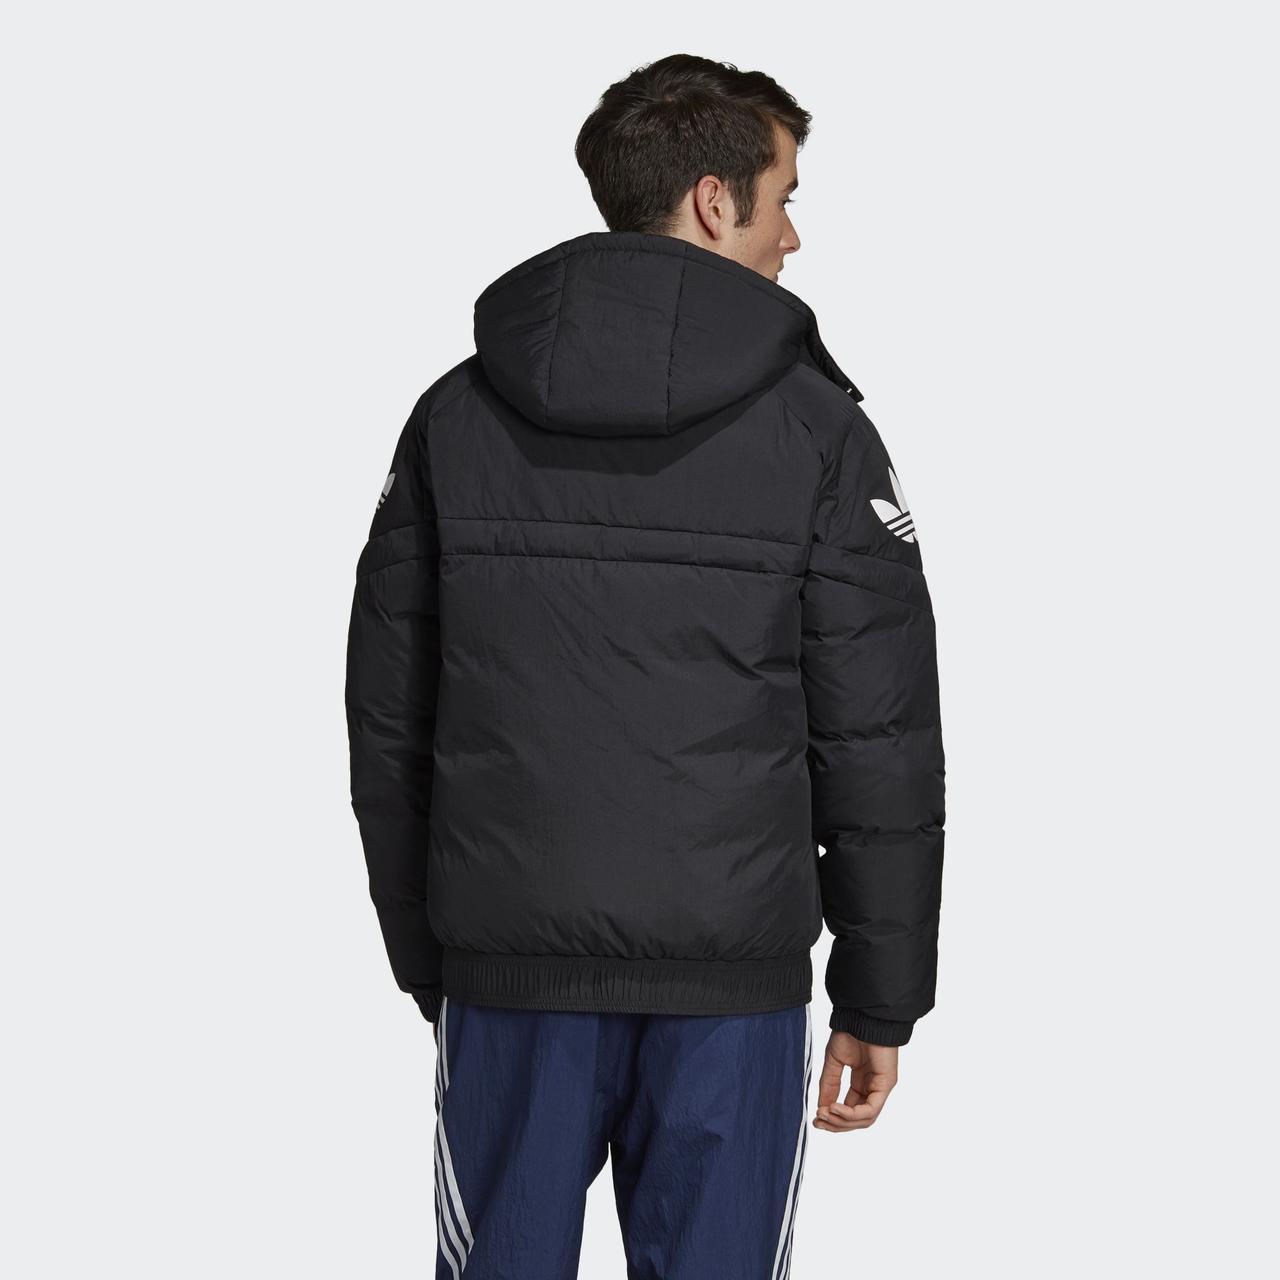 bb813a6e4e00a Мужской пуховик adidas Originals Down Jacket EC3663 - 2019: продажа ...